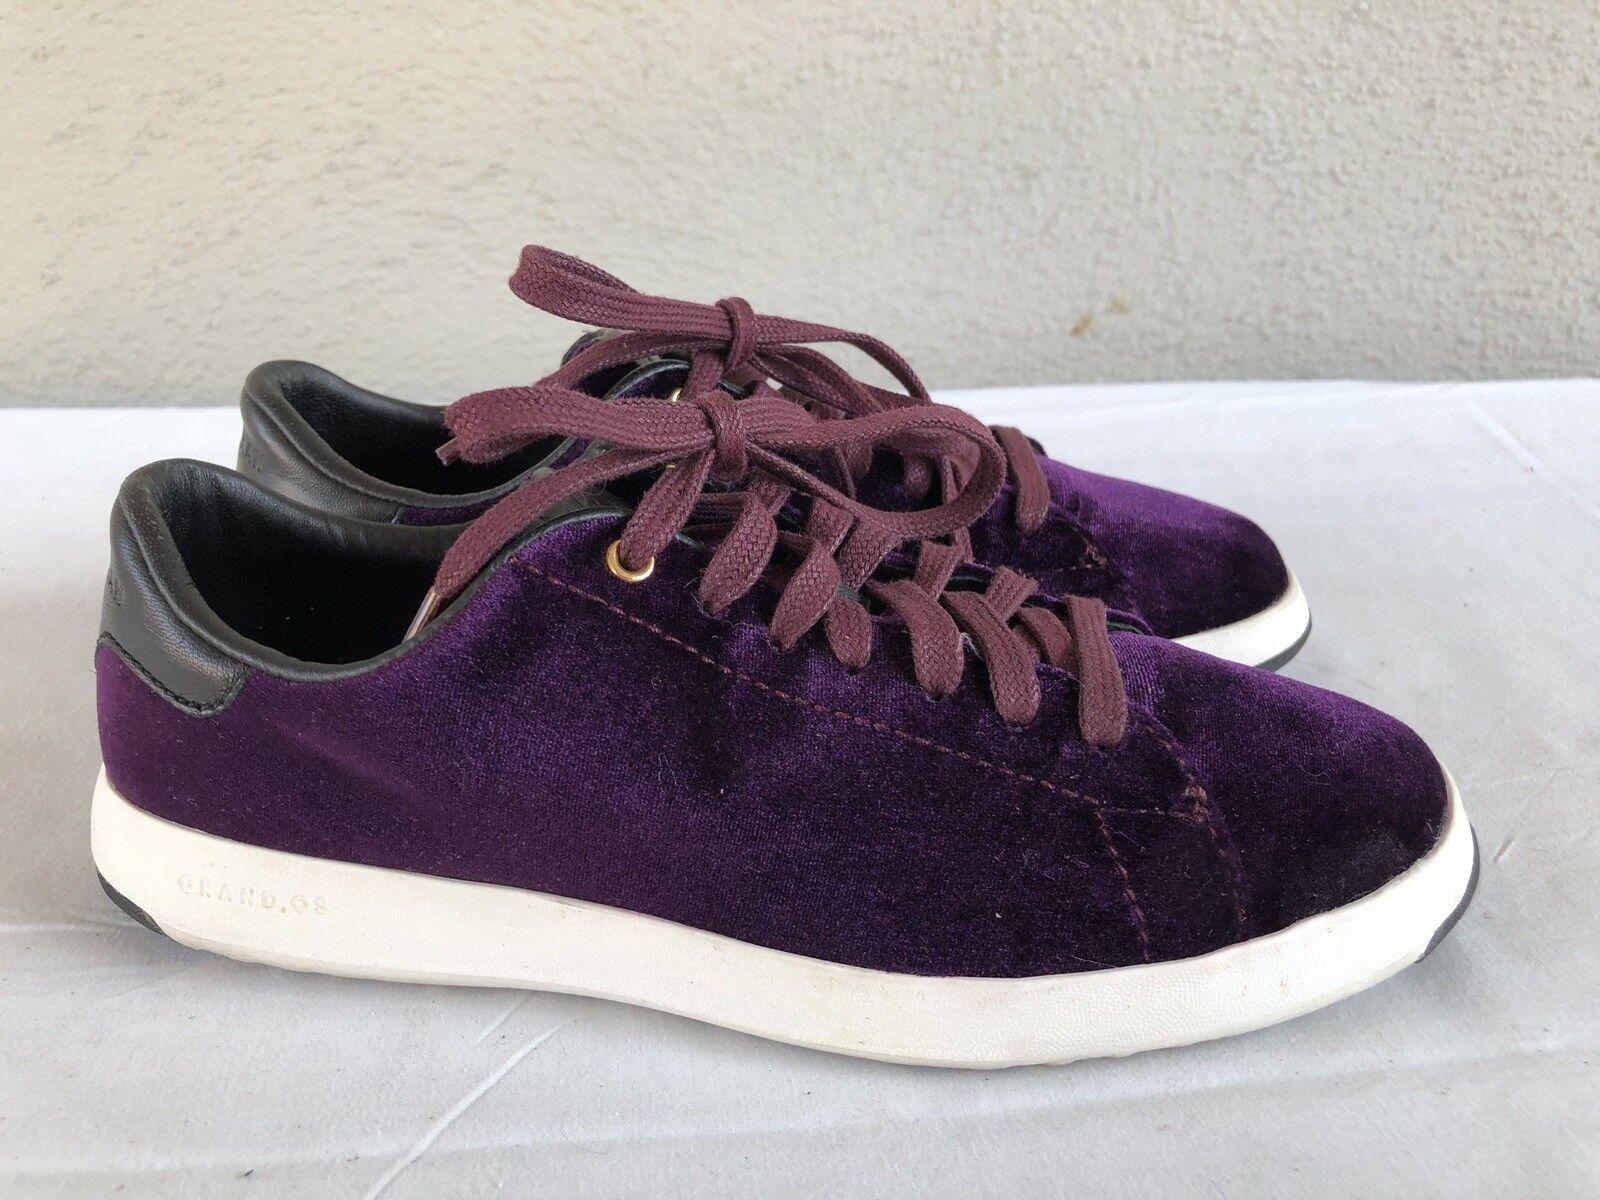 Usado en excelente estado  130 Cole Haan nos nos nos 6B grandpro Tenis Zapatos Tenis Malbec Terciopelo Púrpura un  ofreciendo 100%